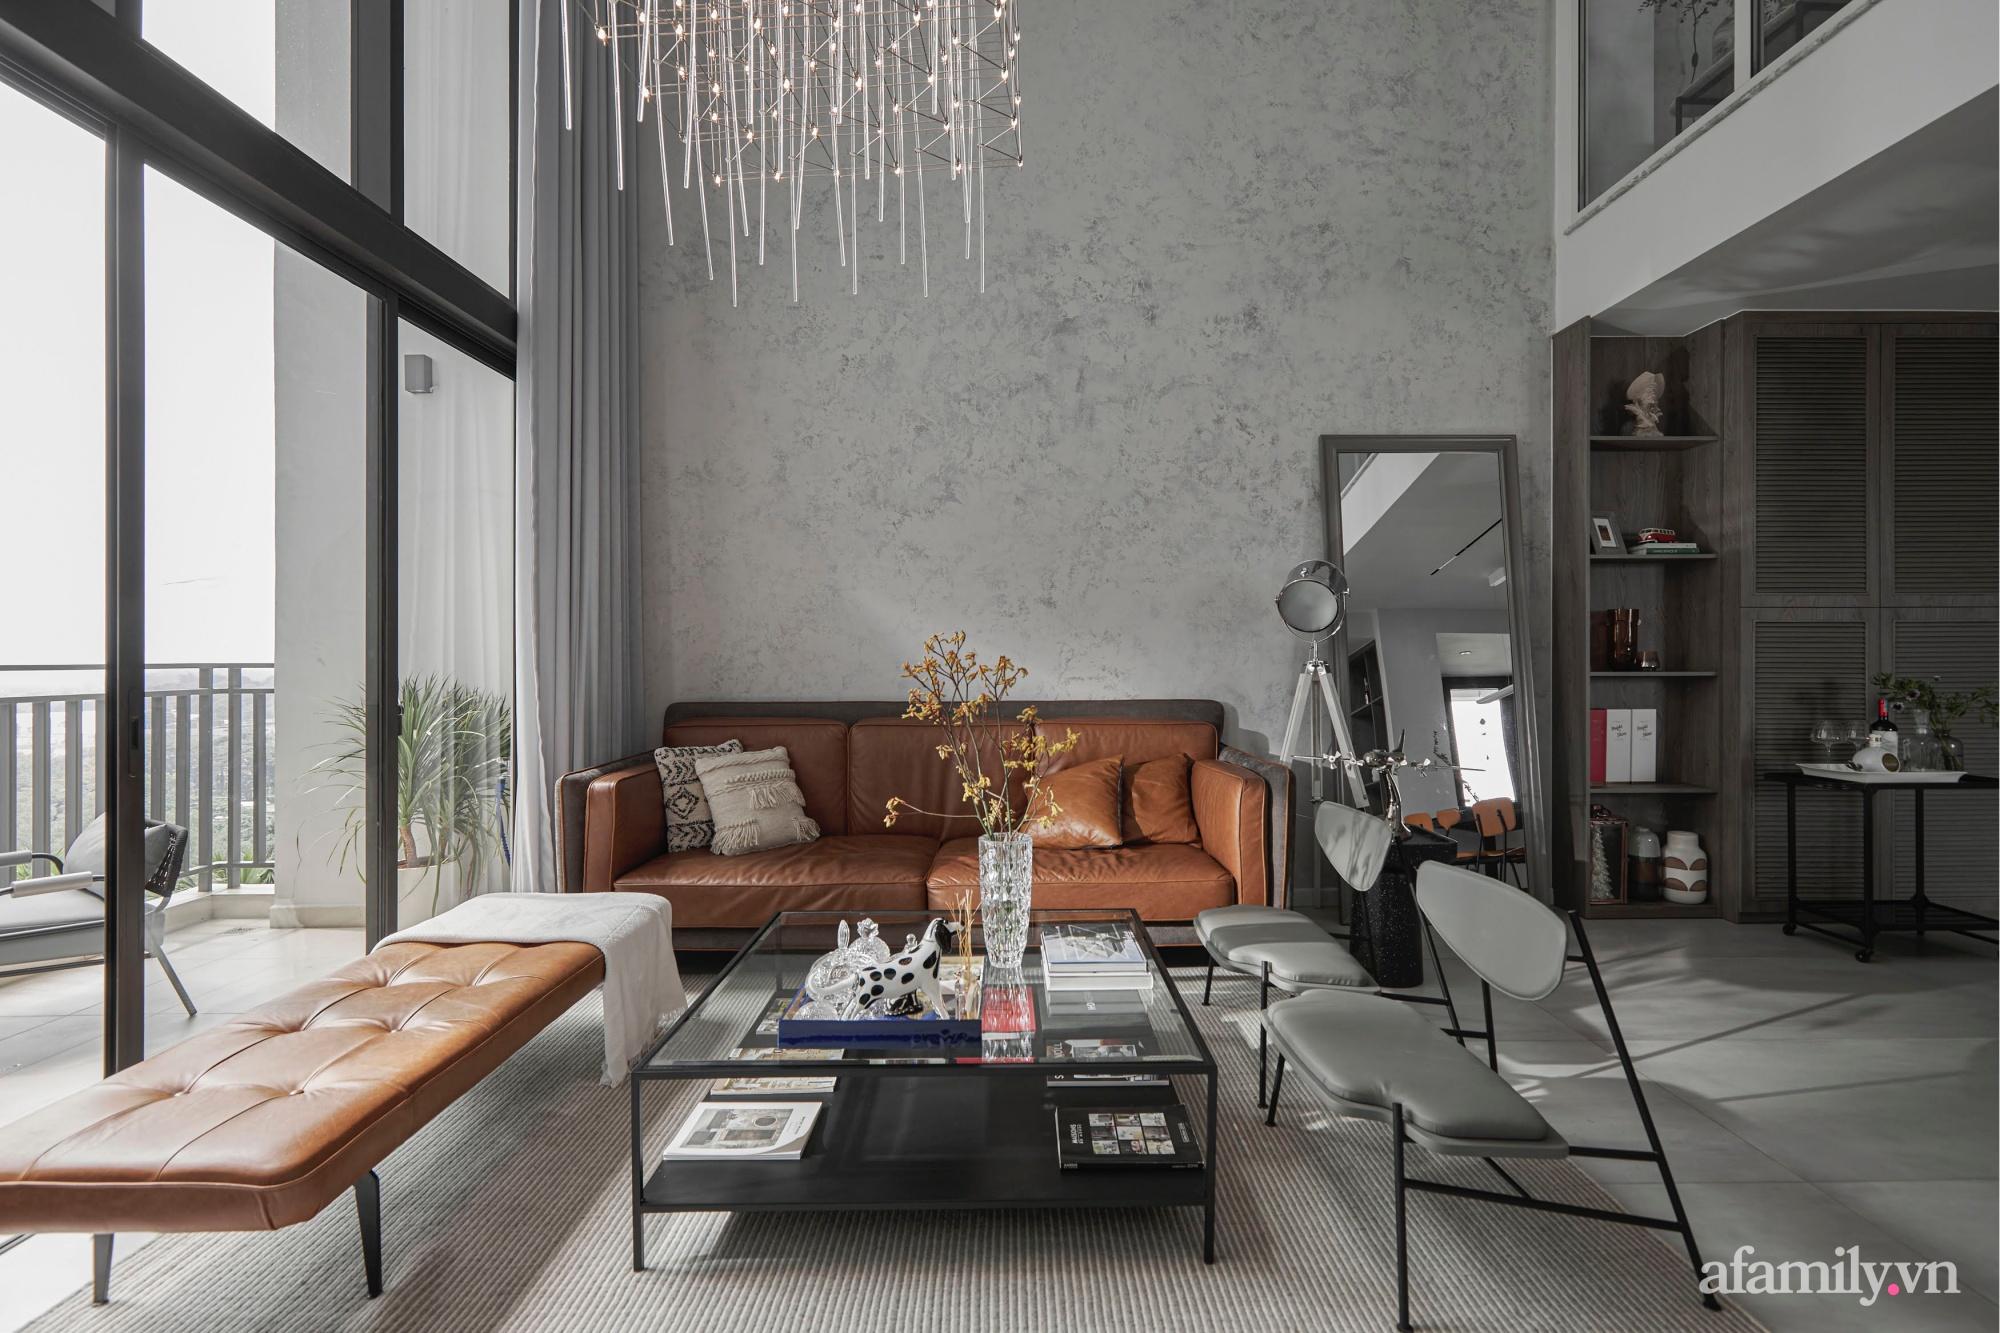 Căn hộ 2 tầng rộng 145m² đẹp sang trọng với điểm nhấn mộc mạc từ chất liệu bê tông ở Sài Gòn - Ảnh 2.